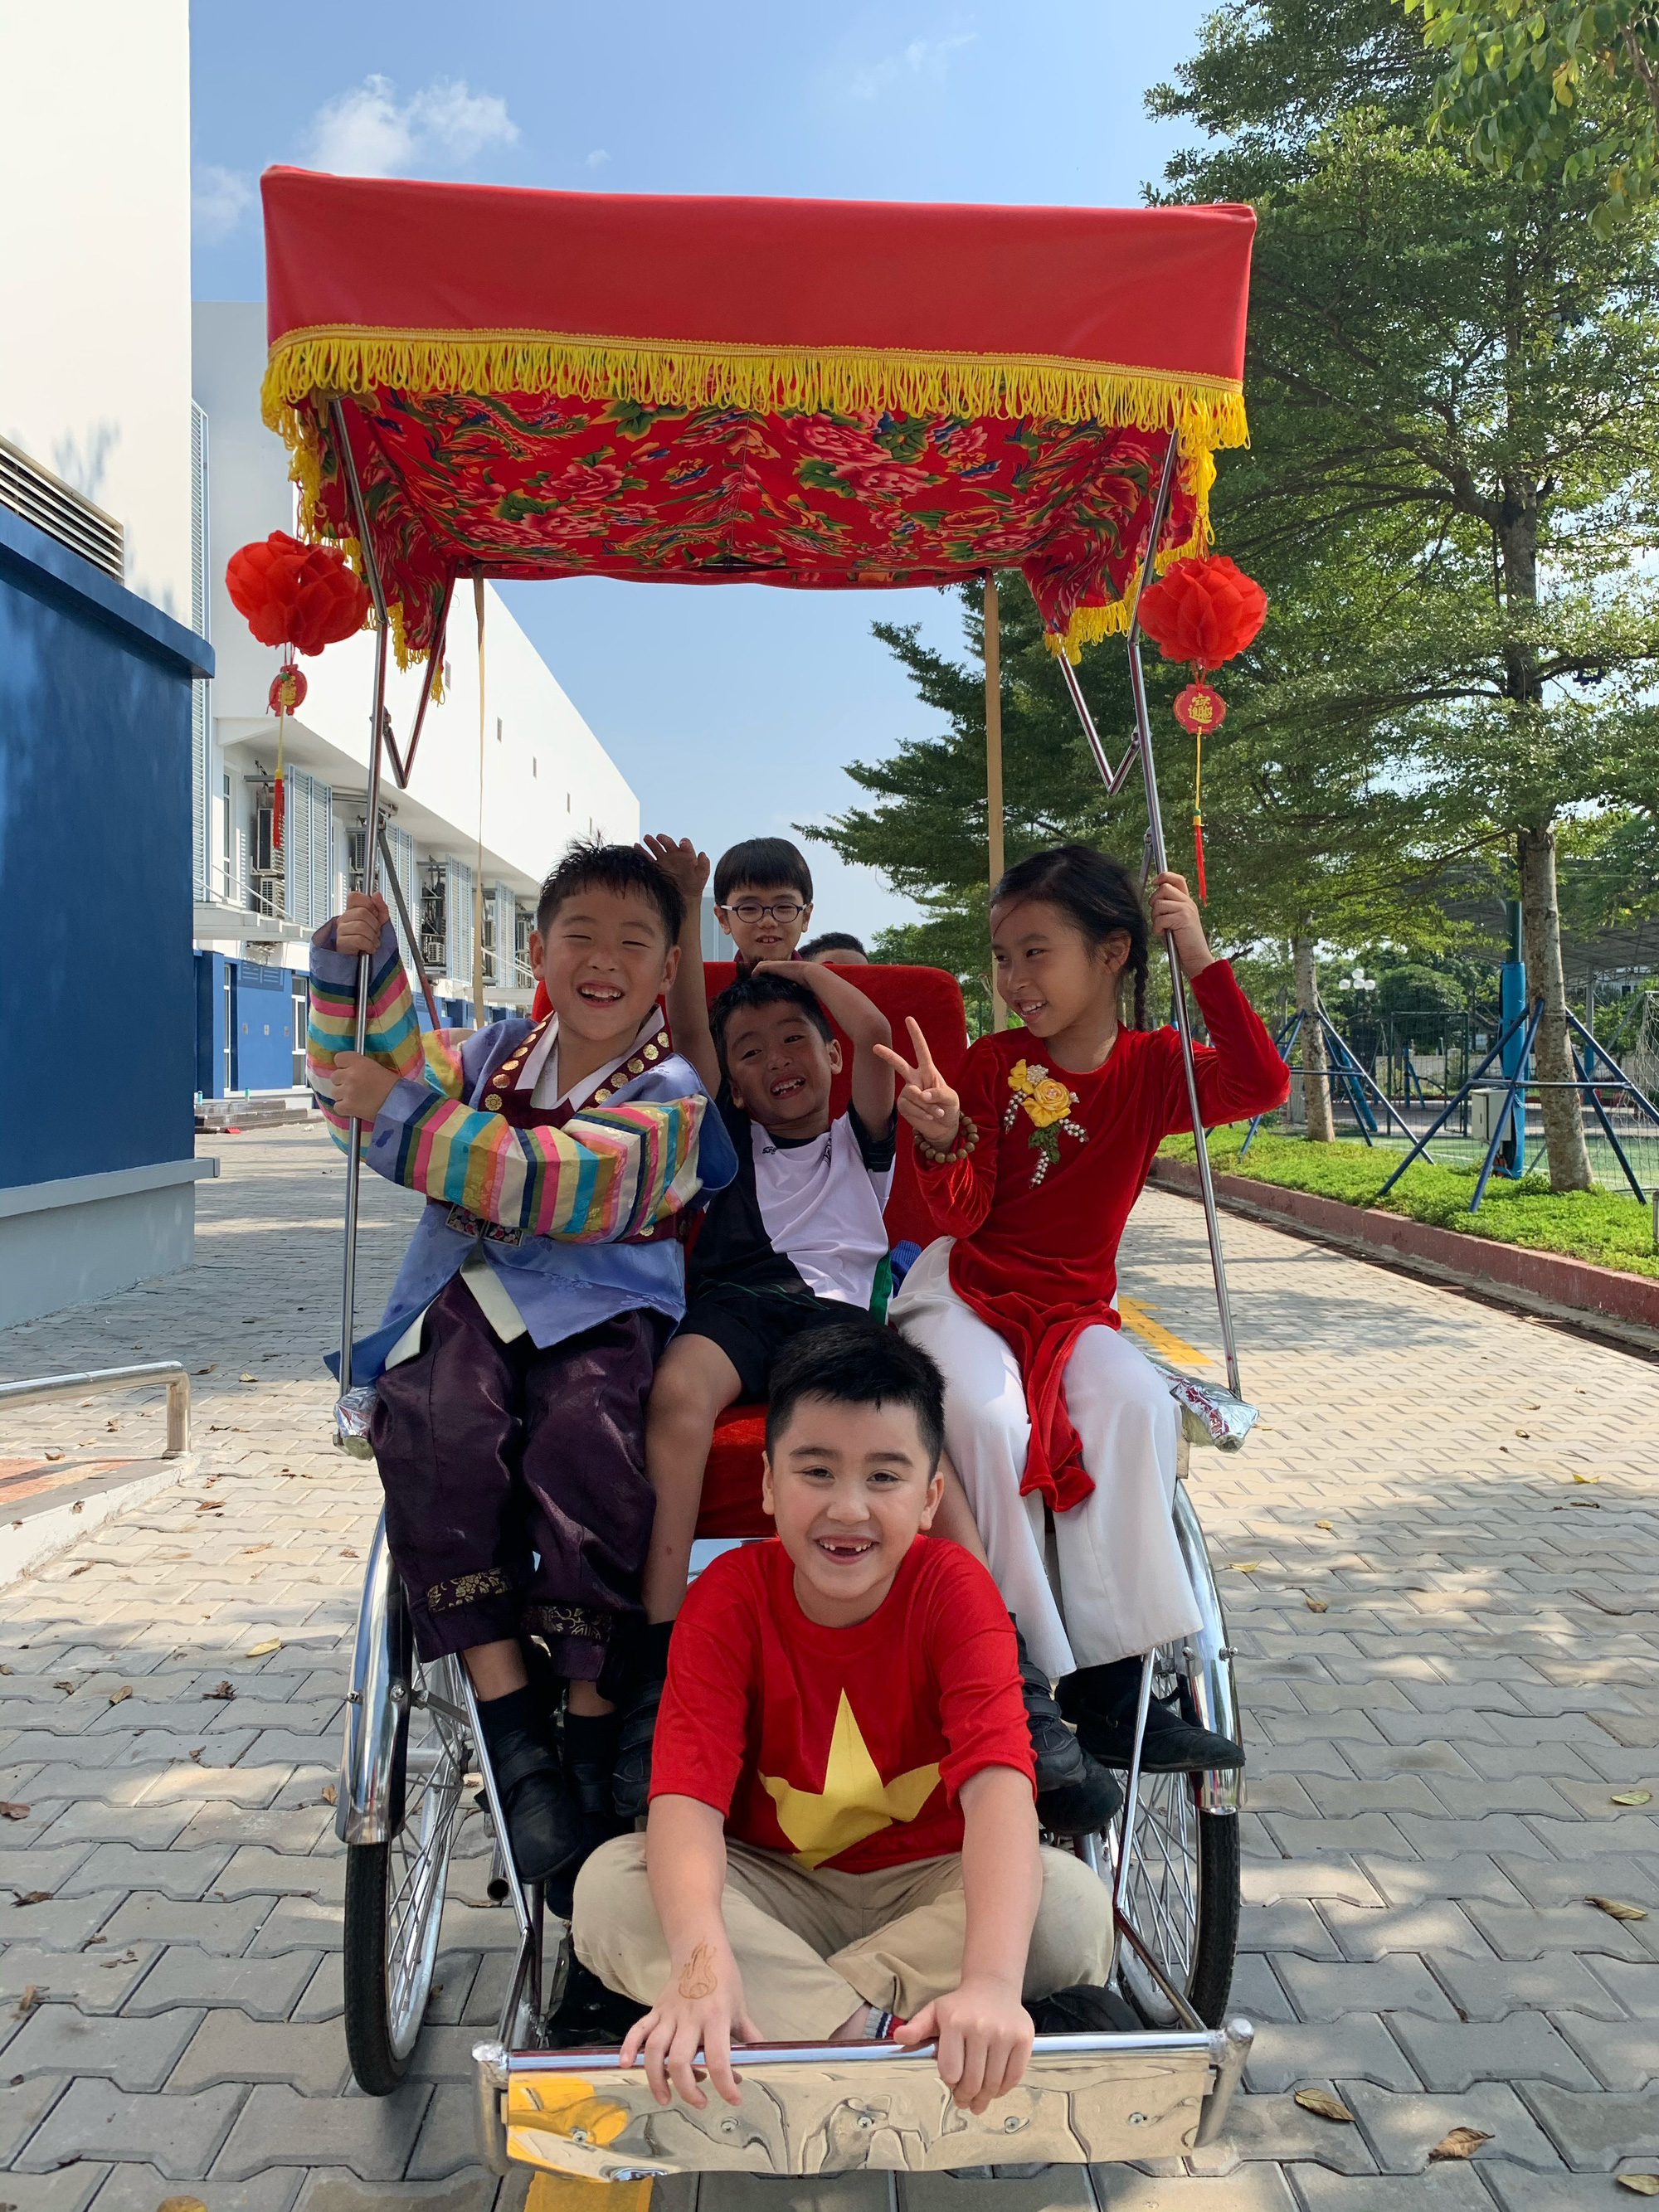 Các bạn nhỏ trường BIS Hà Nội siêu đáng yêu trong MV mừng xuân Canh Tý 2020 cùng với ca sĩ Mỹ Dung - Ảnh 3.